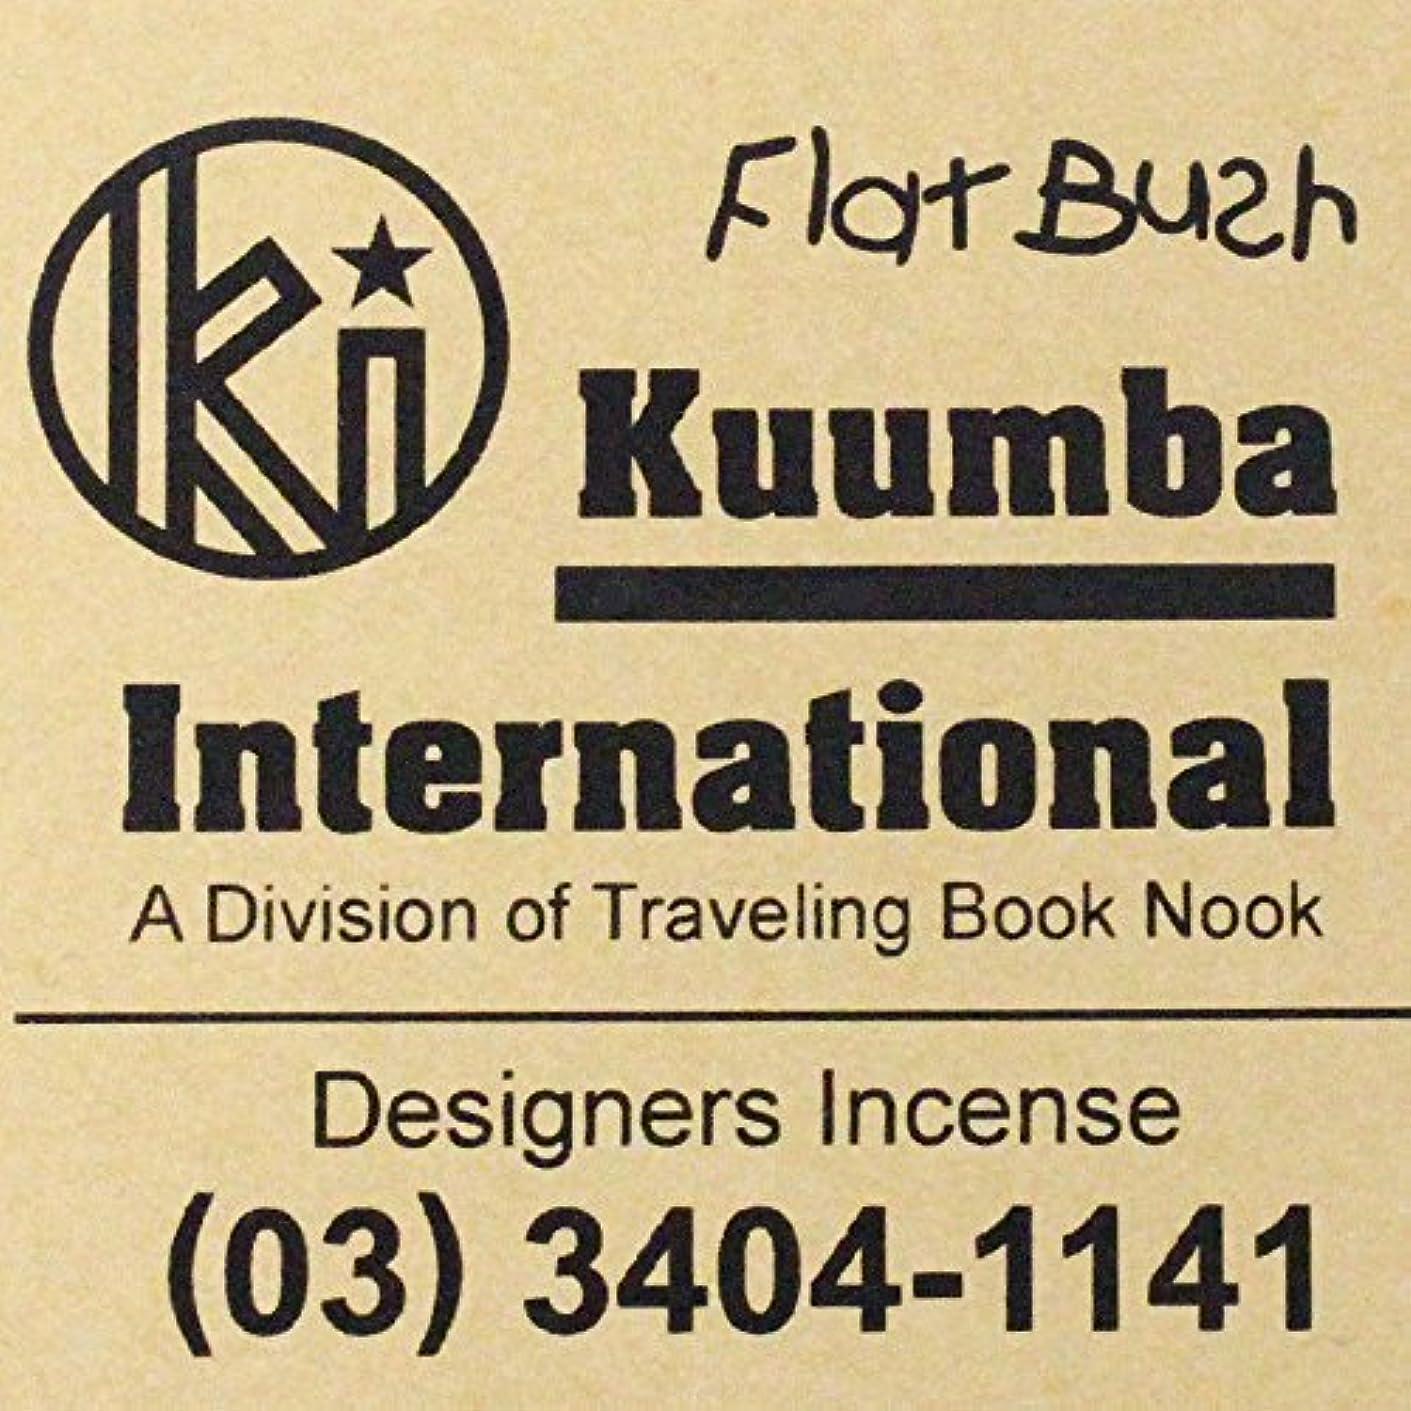 祖父母を訪問マティスリダクター(クンバ) KUUMBA『incense』(Flat Bush) (Regular size)